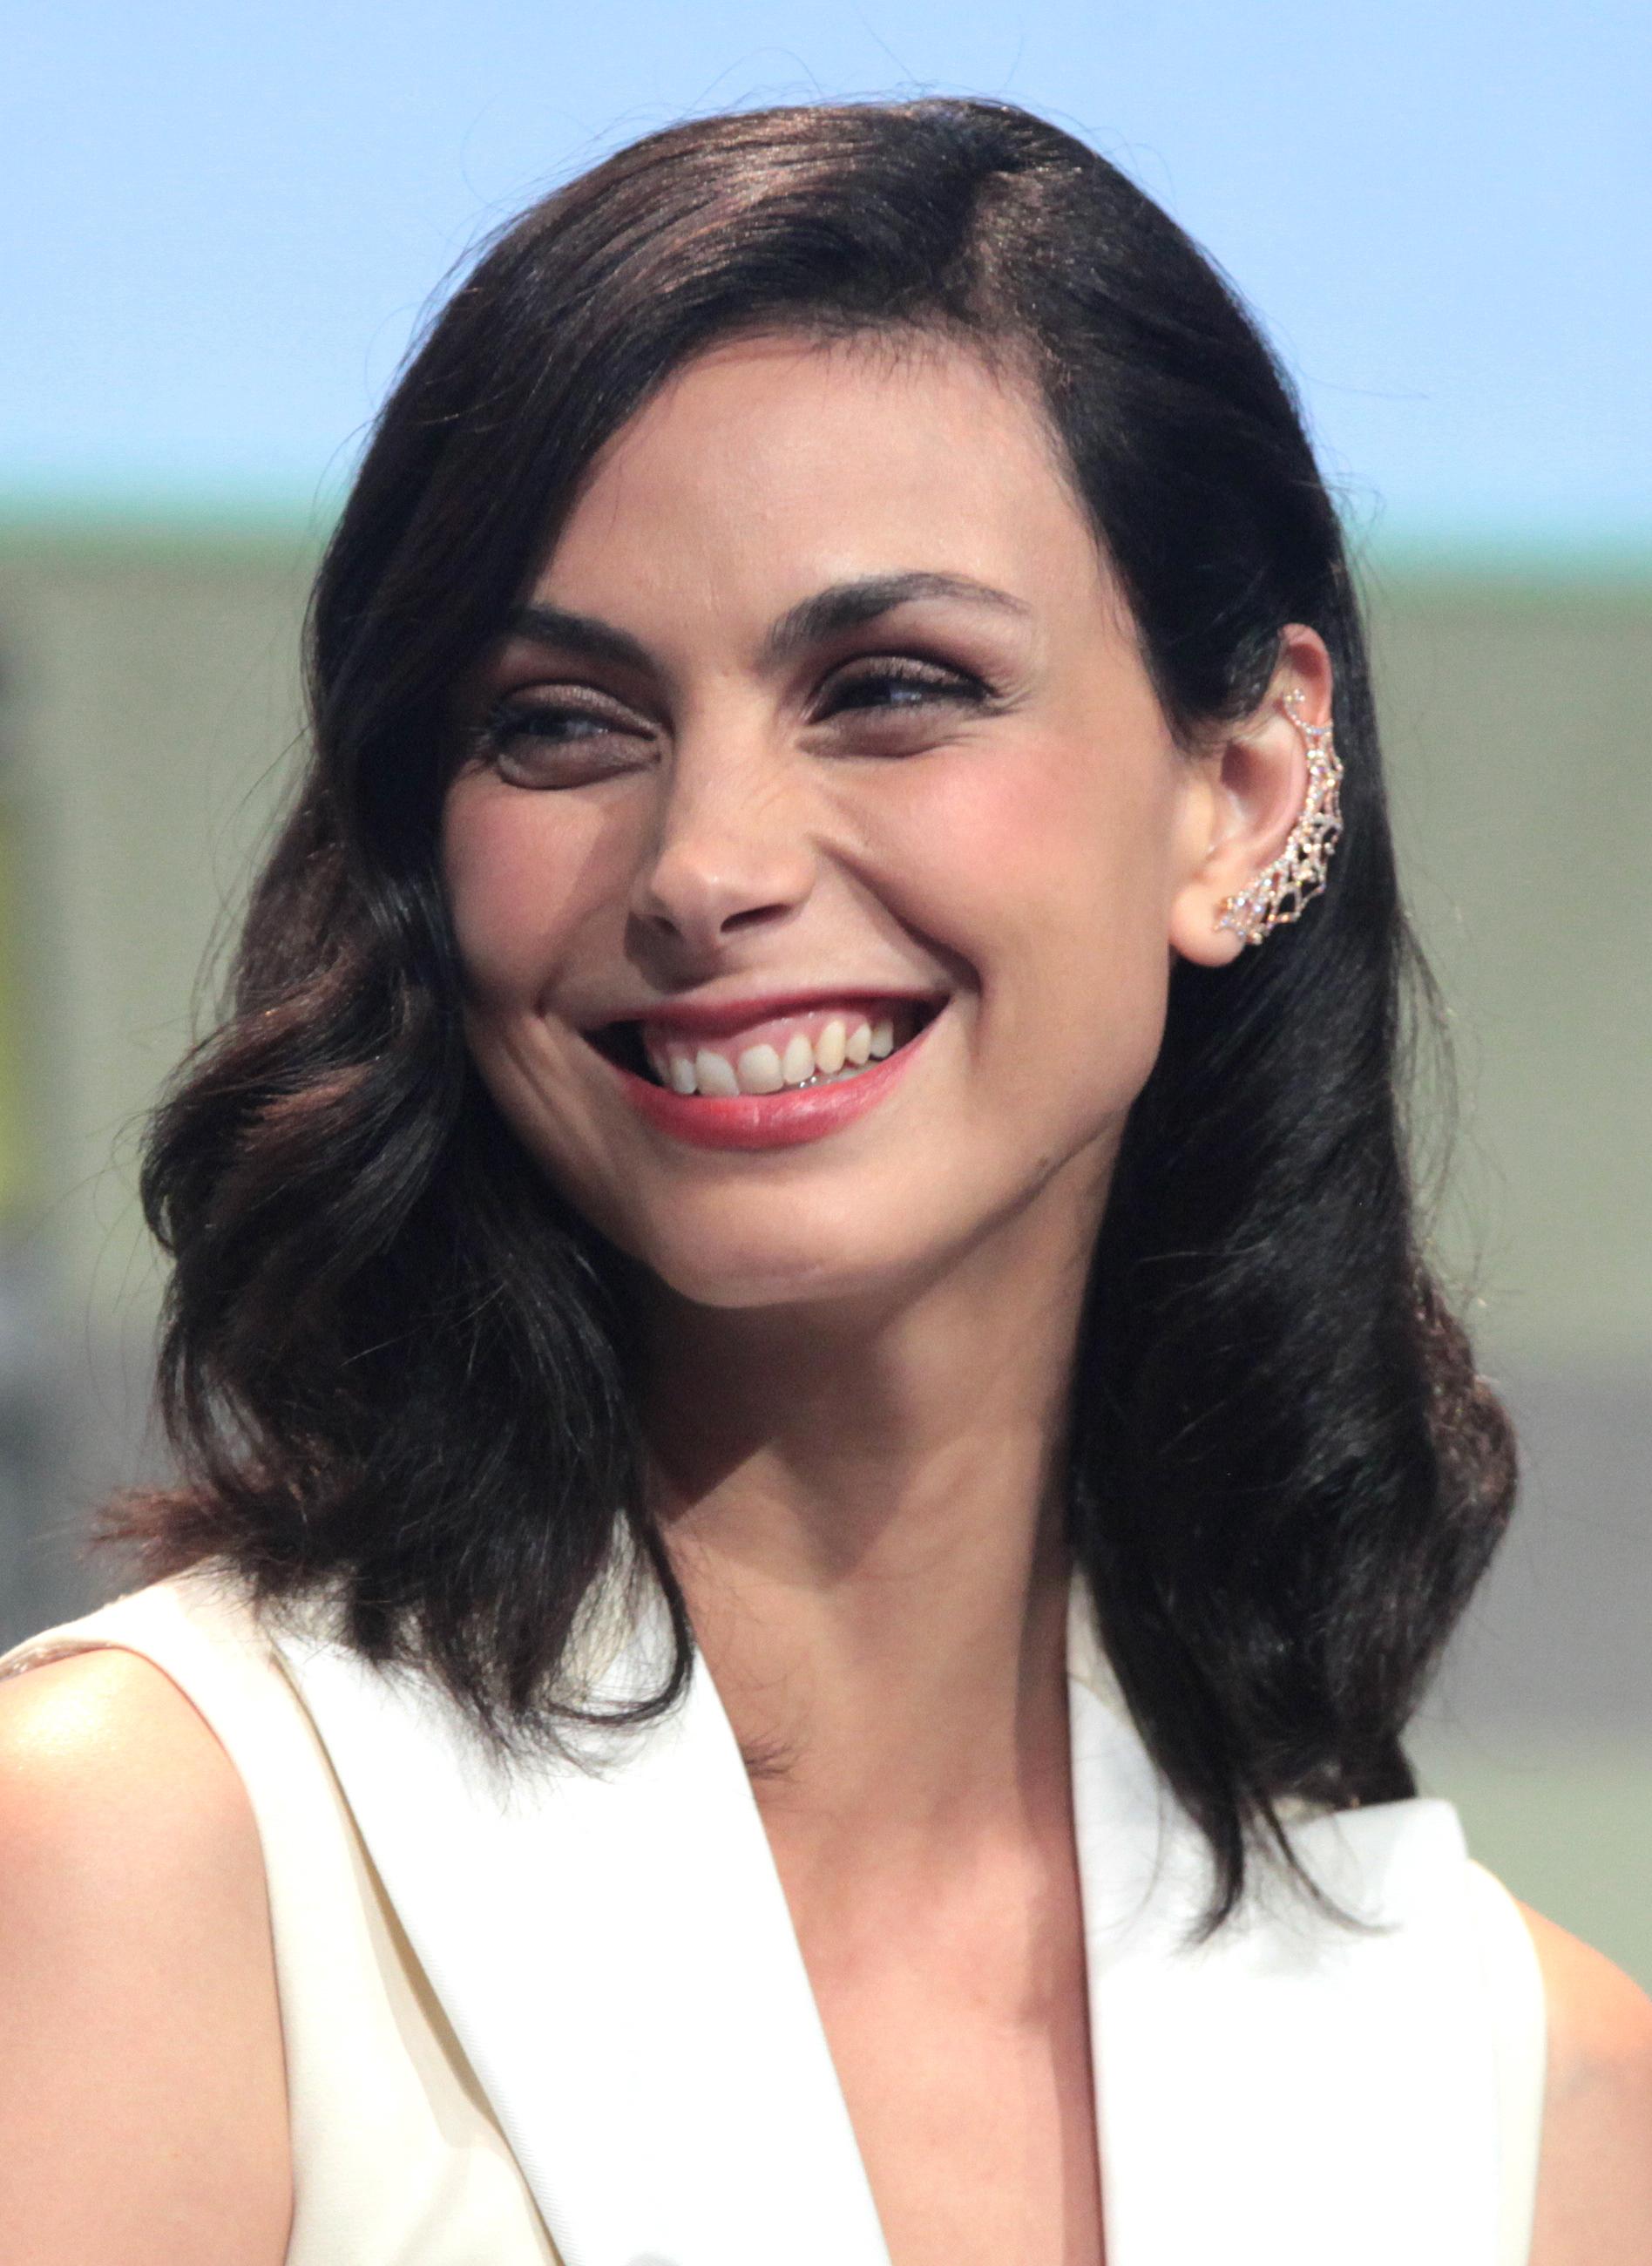 Morena baccarin brasilianische schauspielerin foto 2